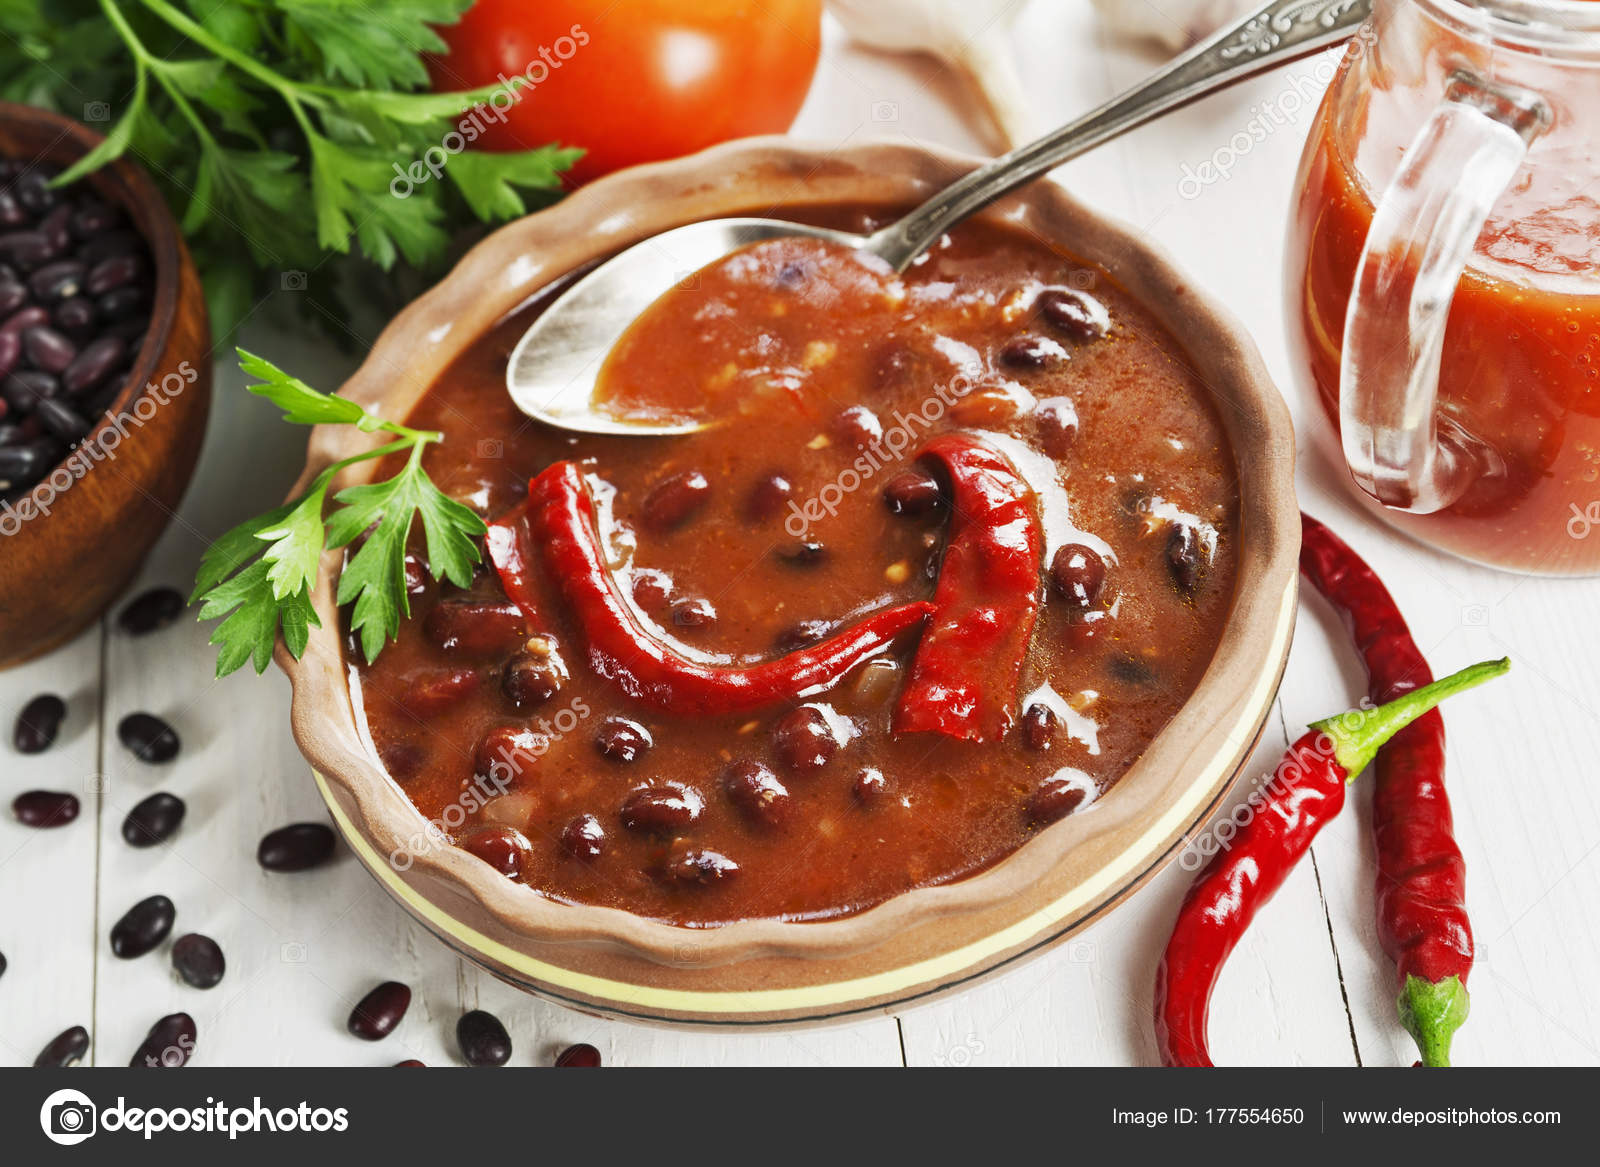 Zupa Z Czerwonej Fasoli I Papryka Chili Zdjecie Stockowe